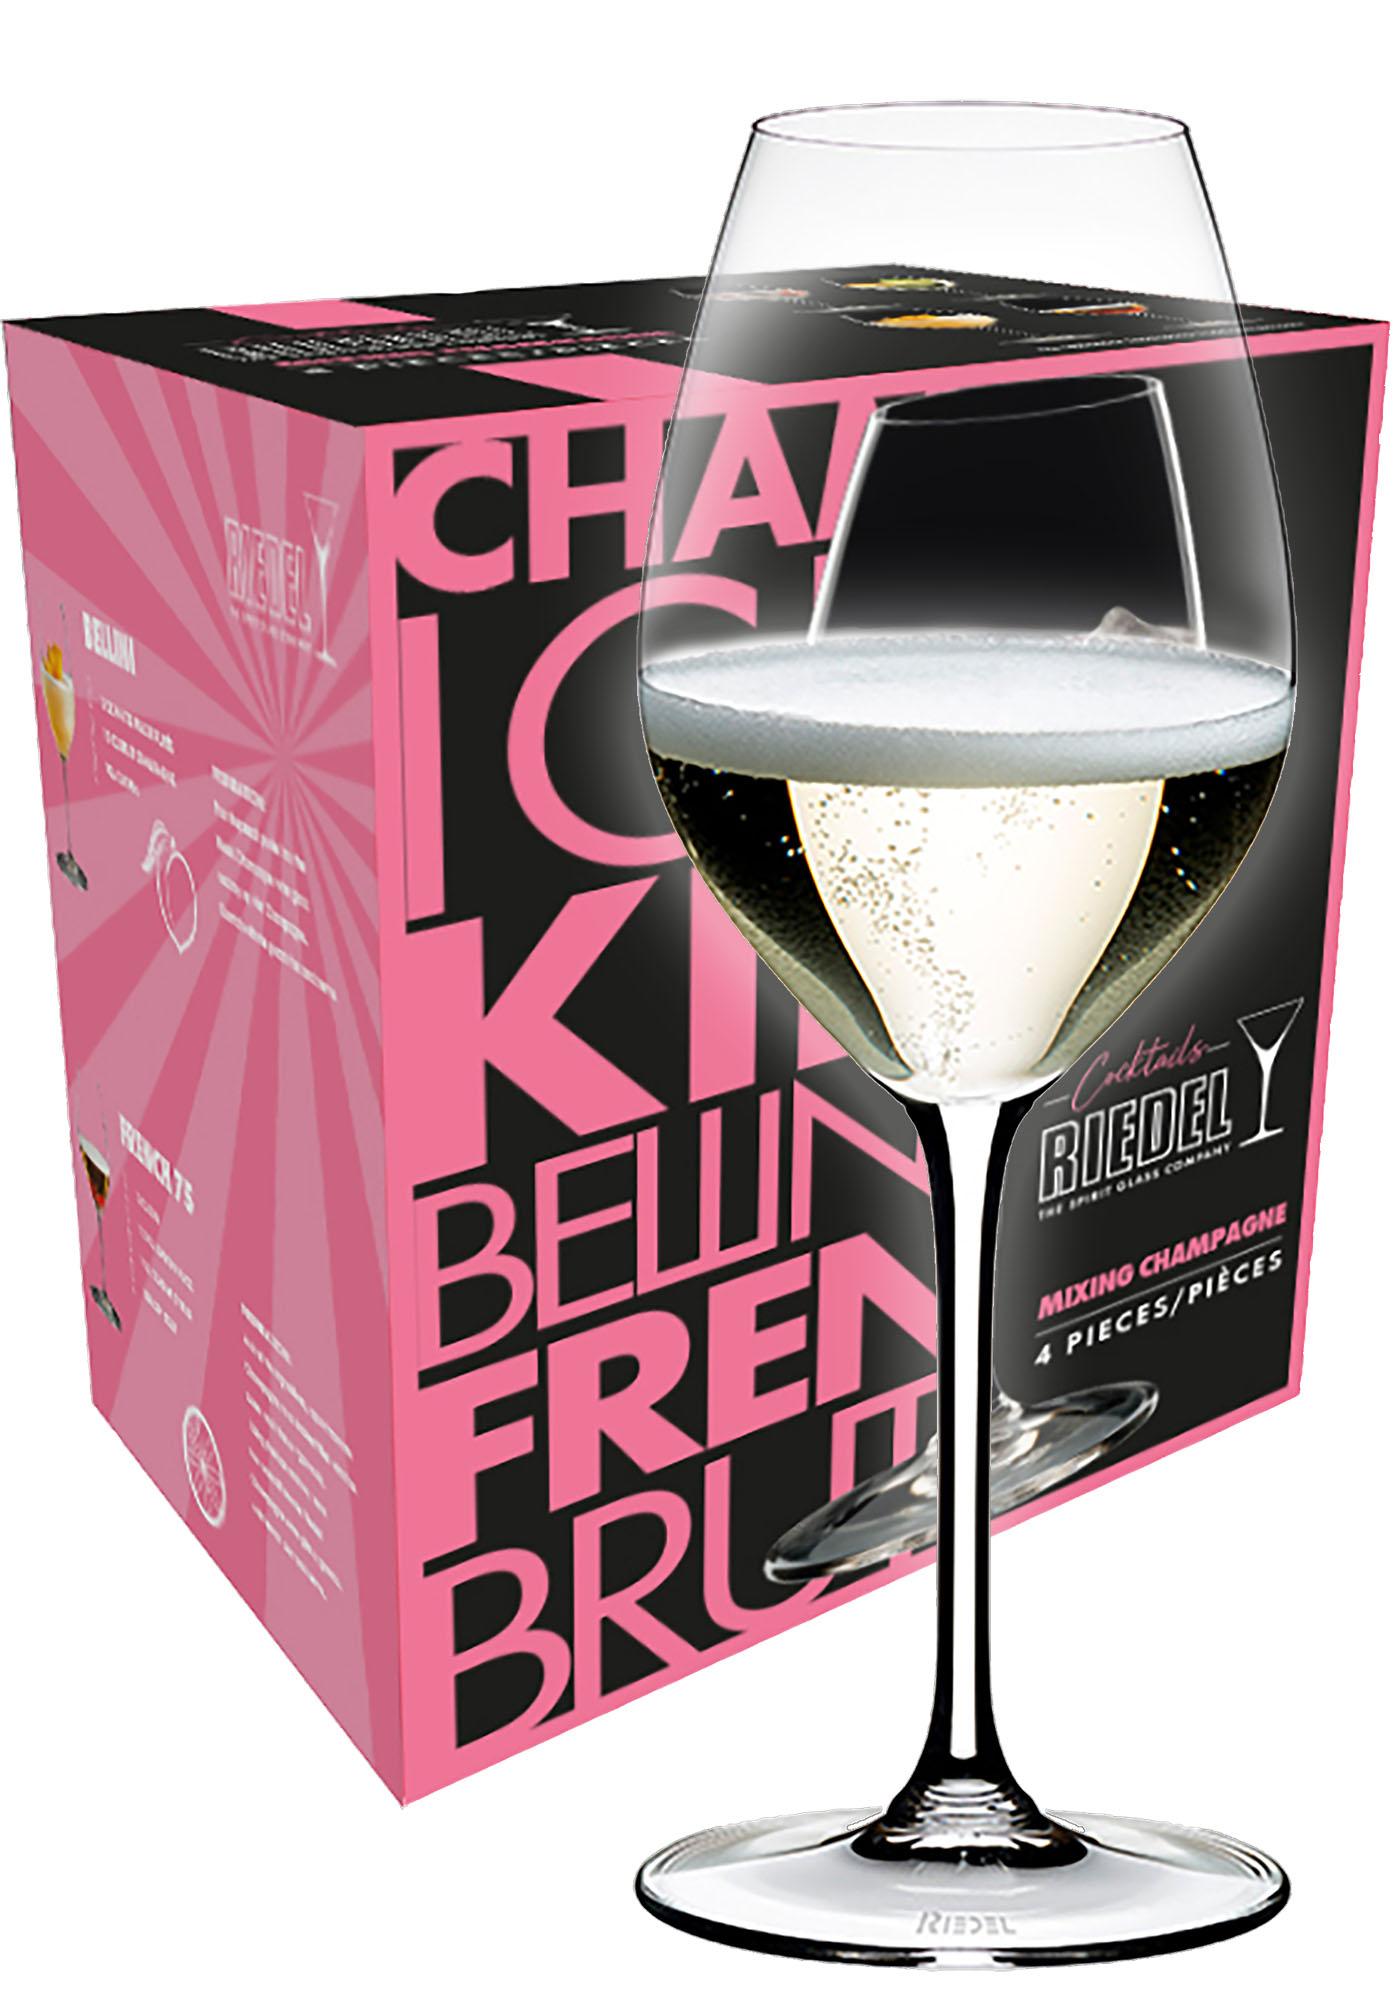 Riedel Mixing Champagne wijnglas (set van 4 voor € 34,80)